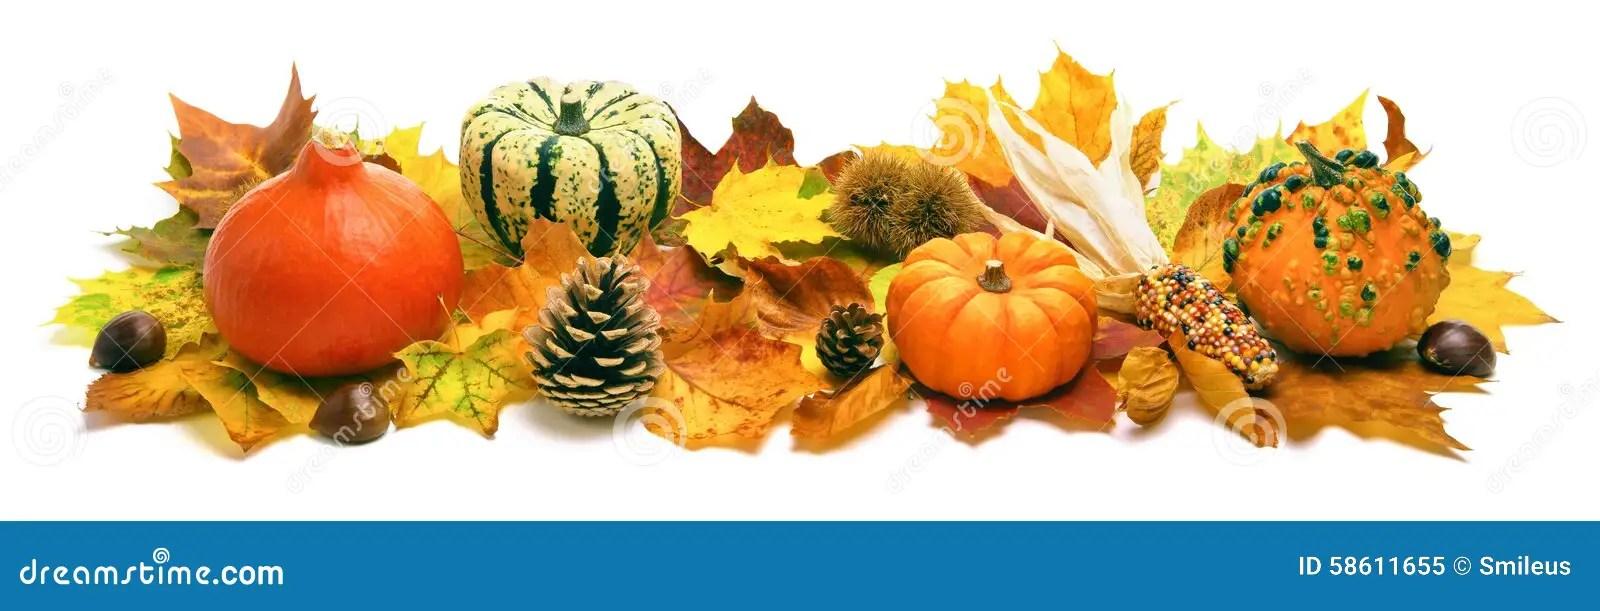 Fall Wallpaper Themes Banni 232 Re De D 233 Coration D Automne Photo Stock Image 58611655